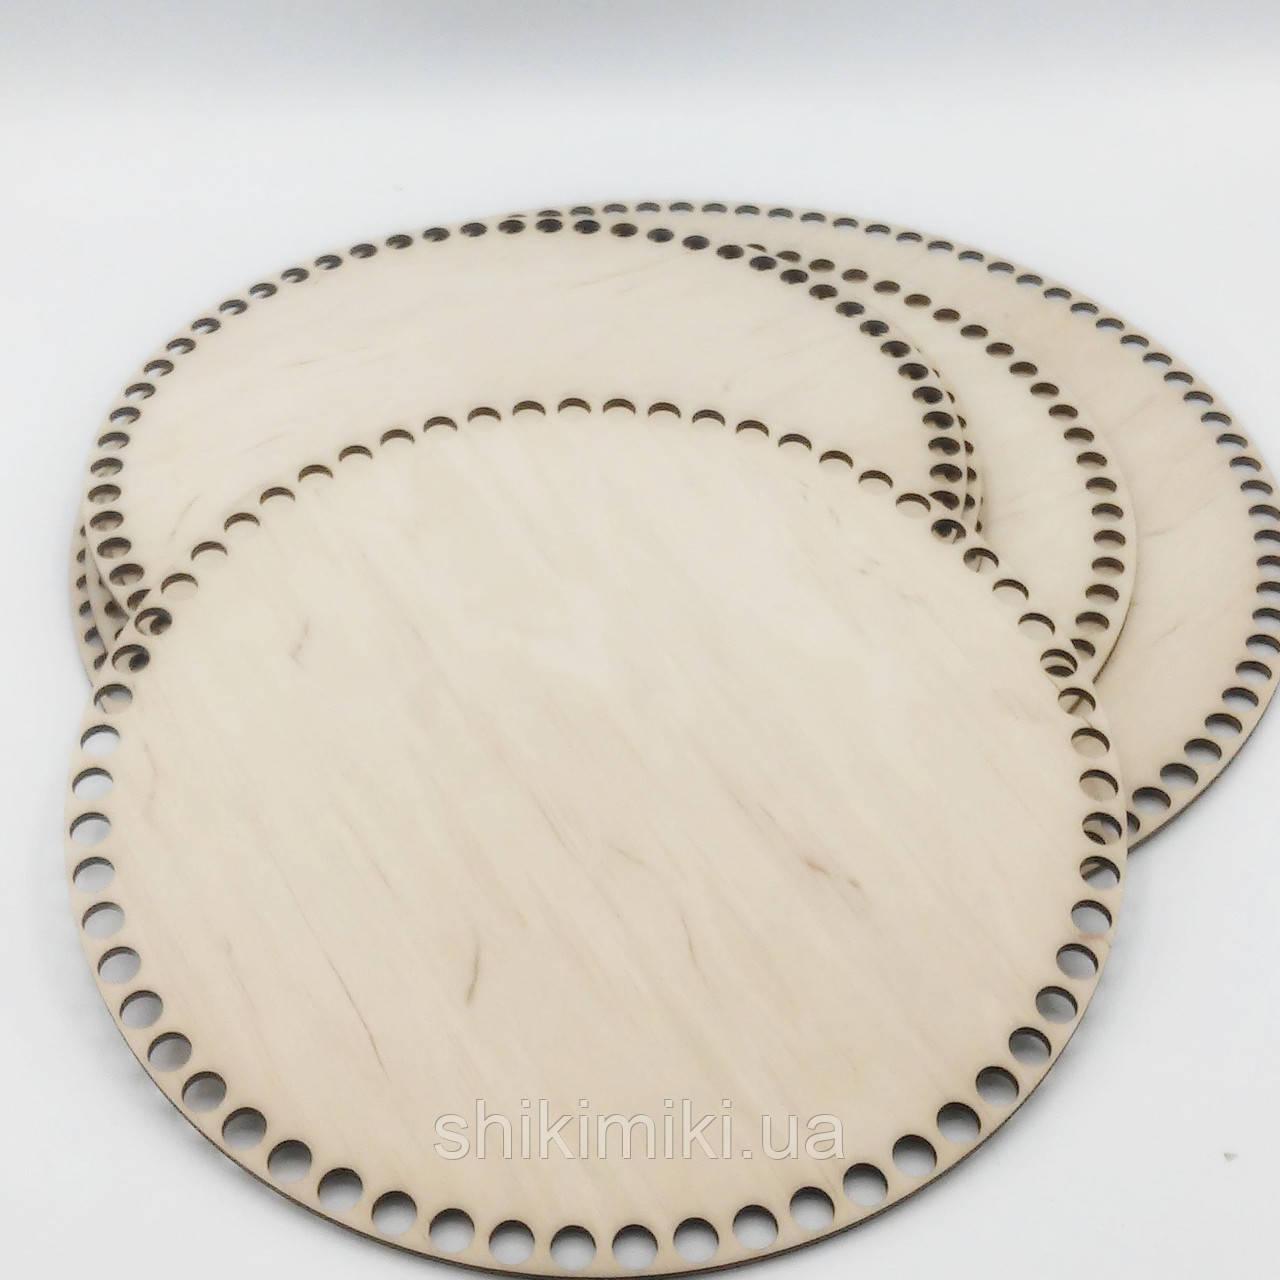 Заготовка из фанеры круглая (26 см)